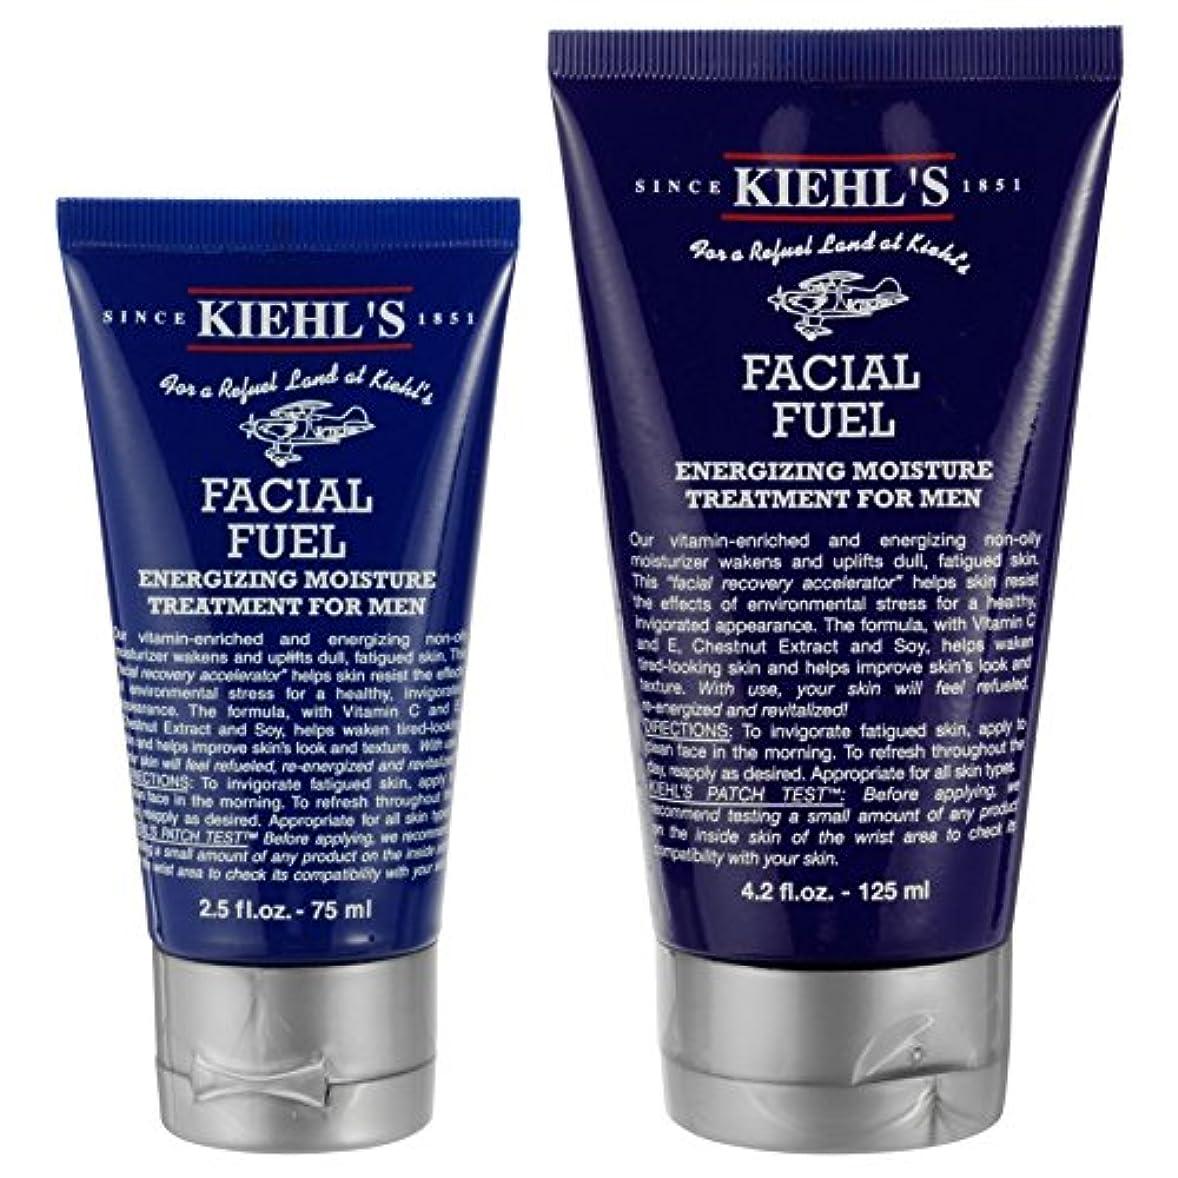 予防接種するパーセントブランド名[Kiehl's ] Kiehls究極の男の顔燃料75ミリリットル - Kiehls Ultimate Man Facial Fuel 75ml [並行輸入品]